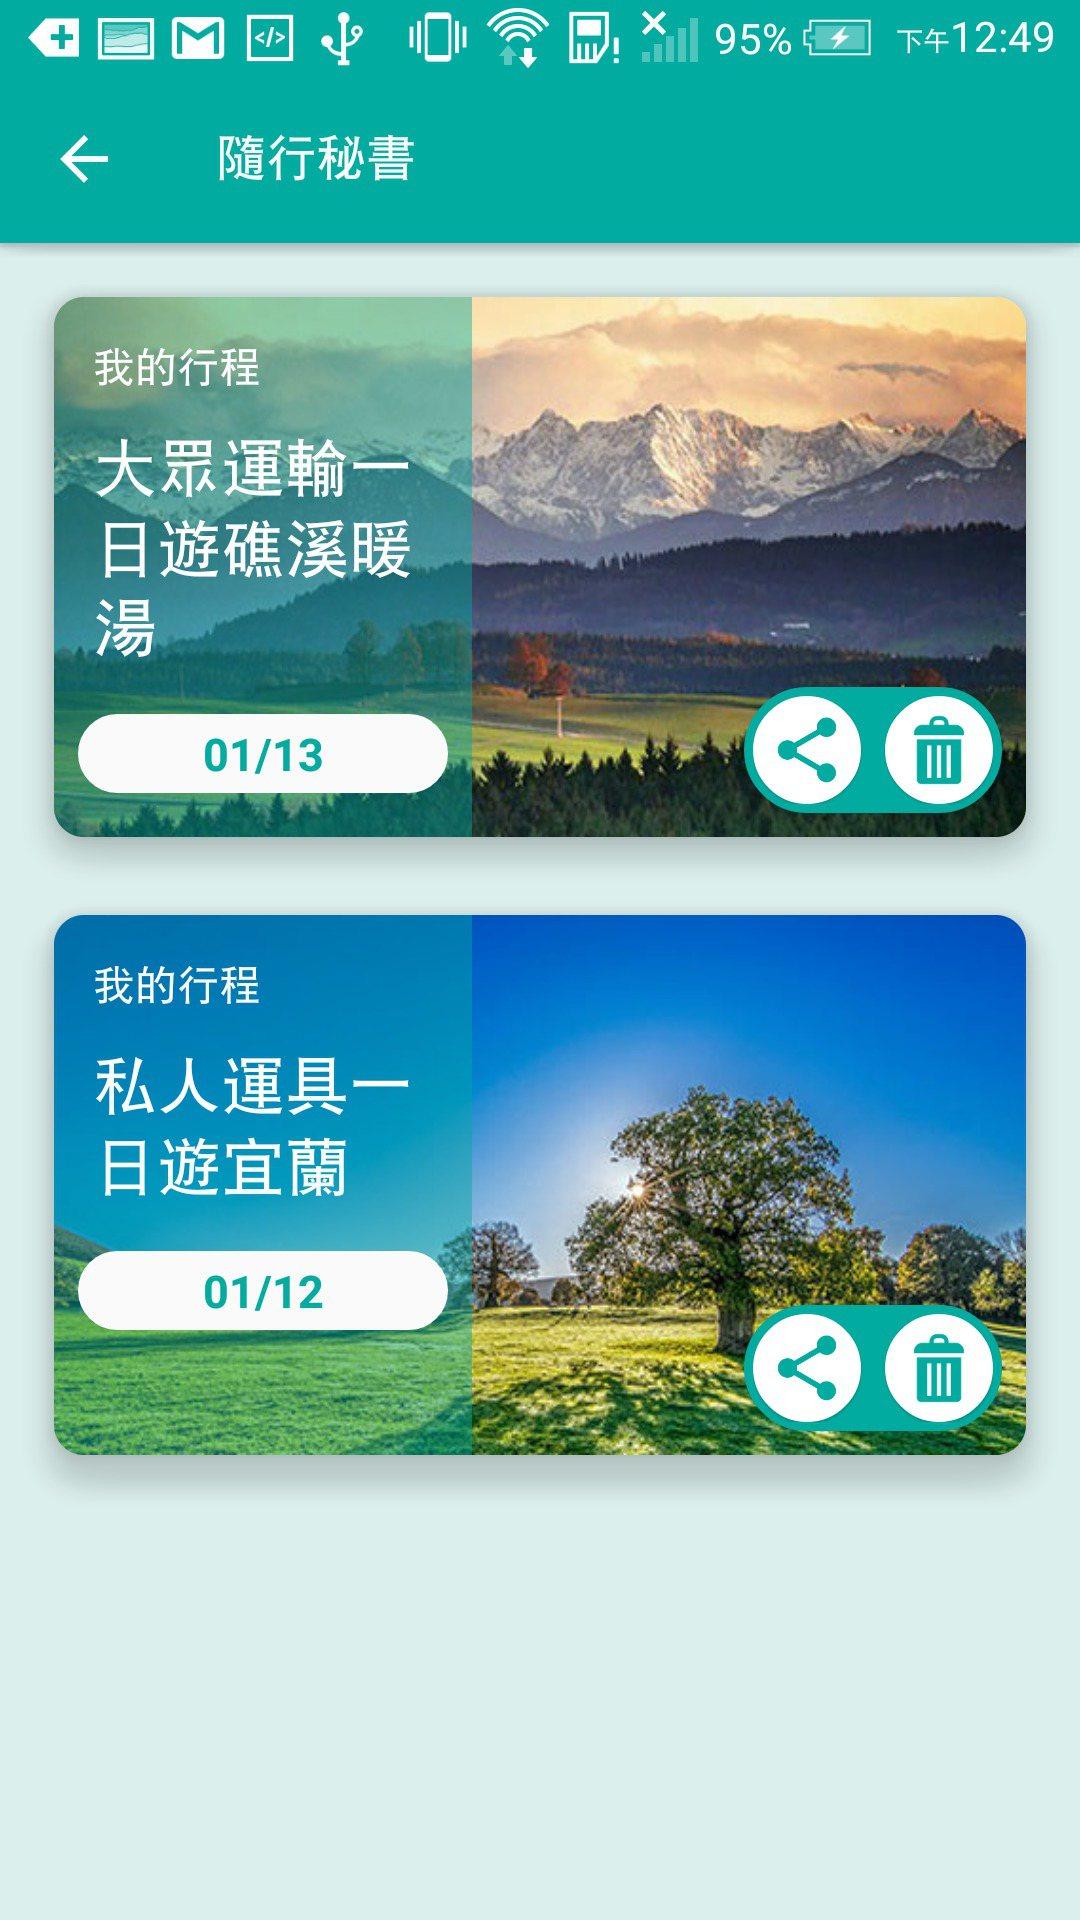 全新預約國道旅行APP「U Maji」。圖/交通部提供